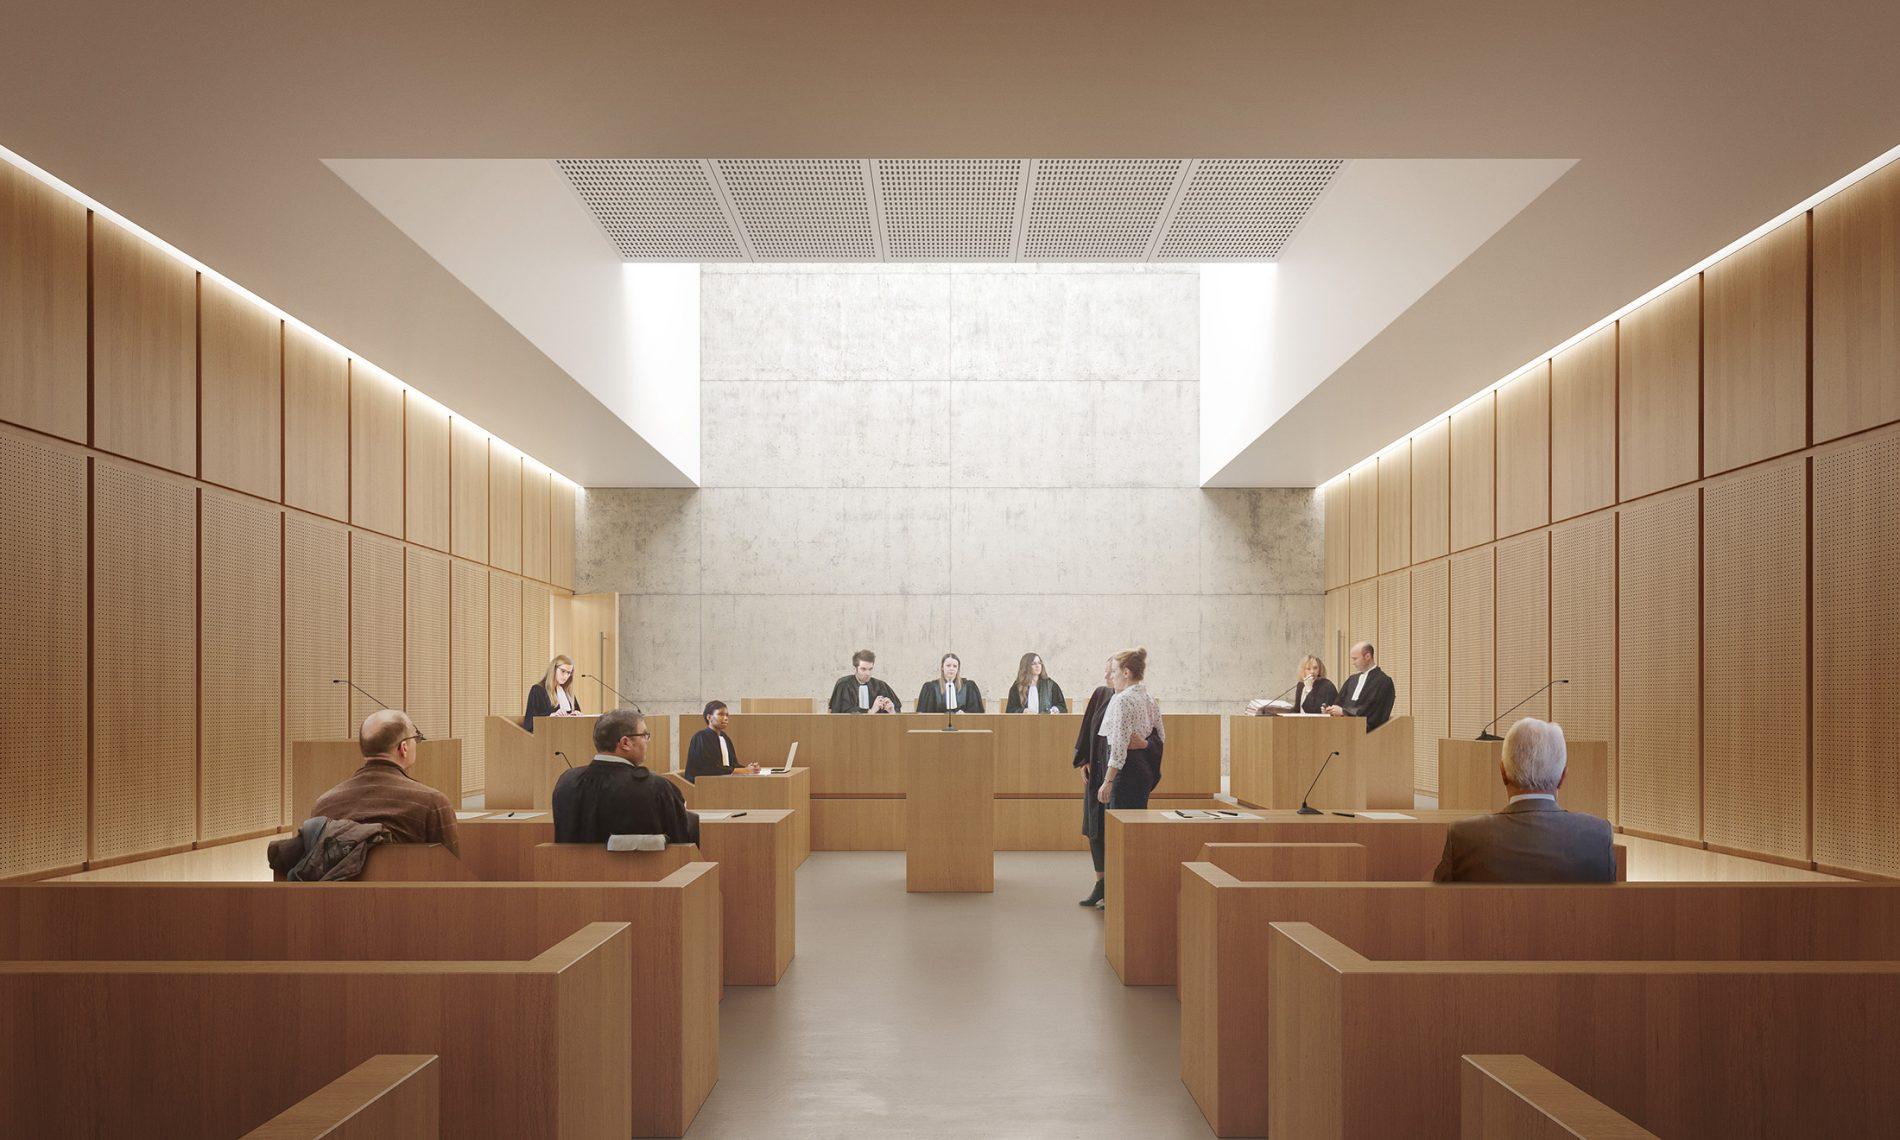 Image du concours d'architecture de la salle de tribunal de Manosque, principalement en bois